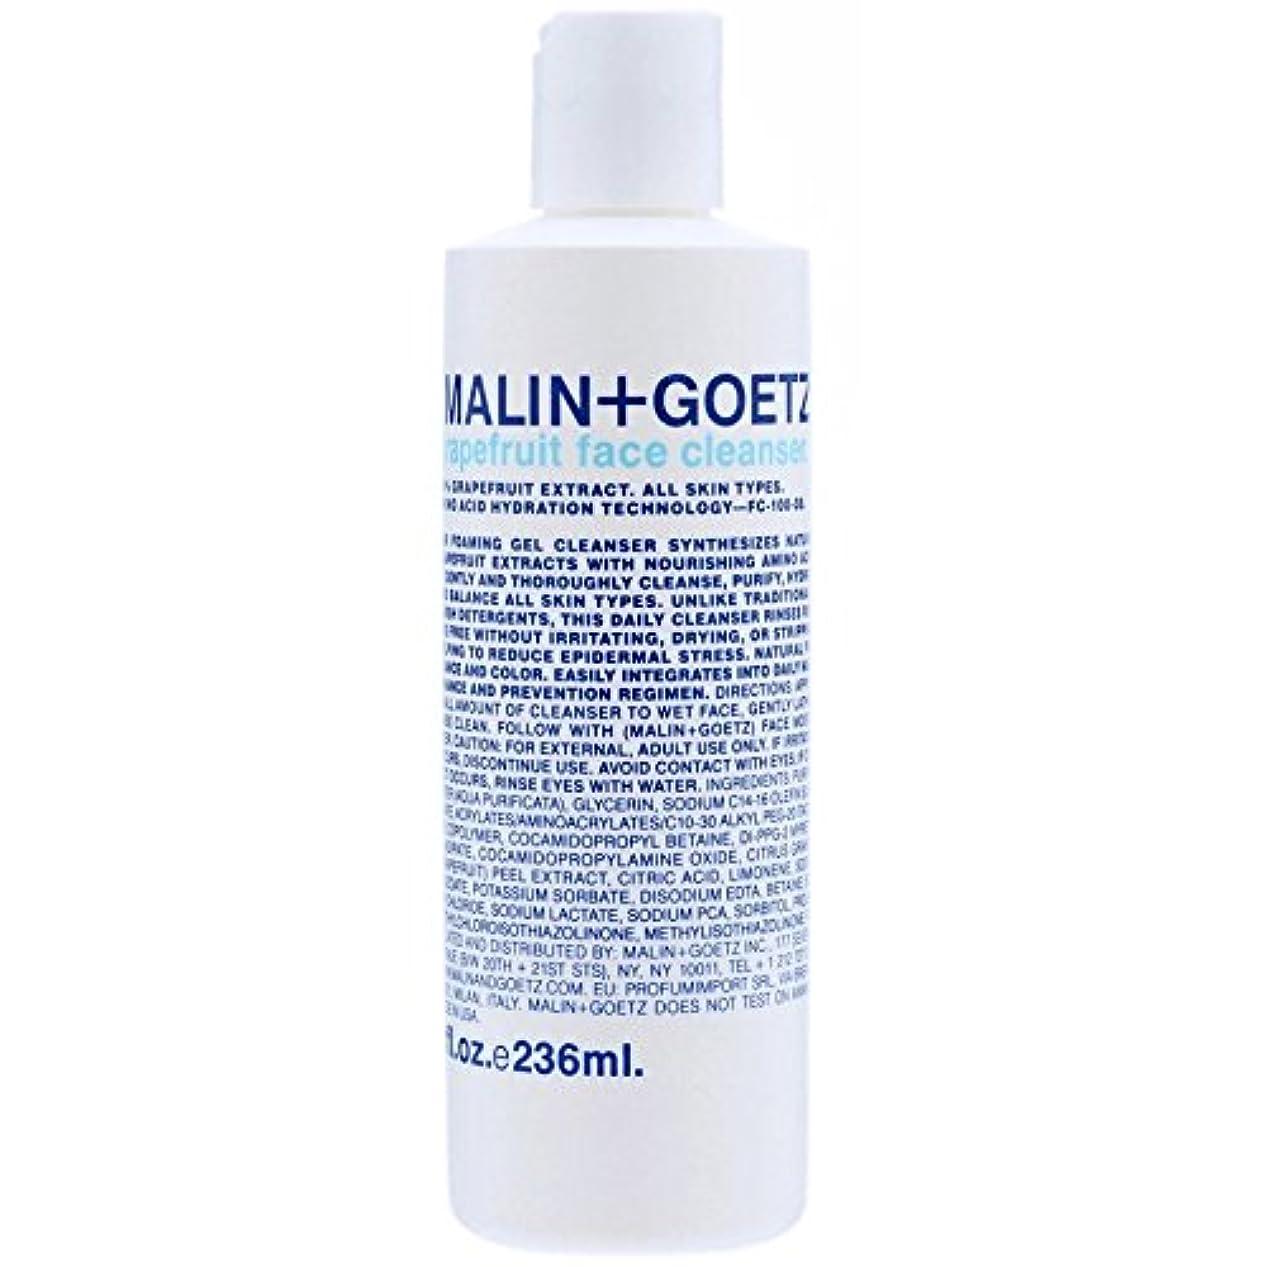 思われる気質健康的マリン+ゲッツグレープフルーツフェイスクレンザー x2 - MALIN+GOETZ Grapefruit Face Cleanser (Pack of 2) [並行輸入品]